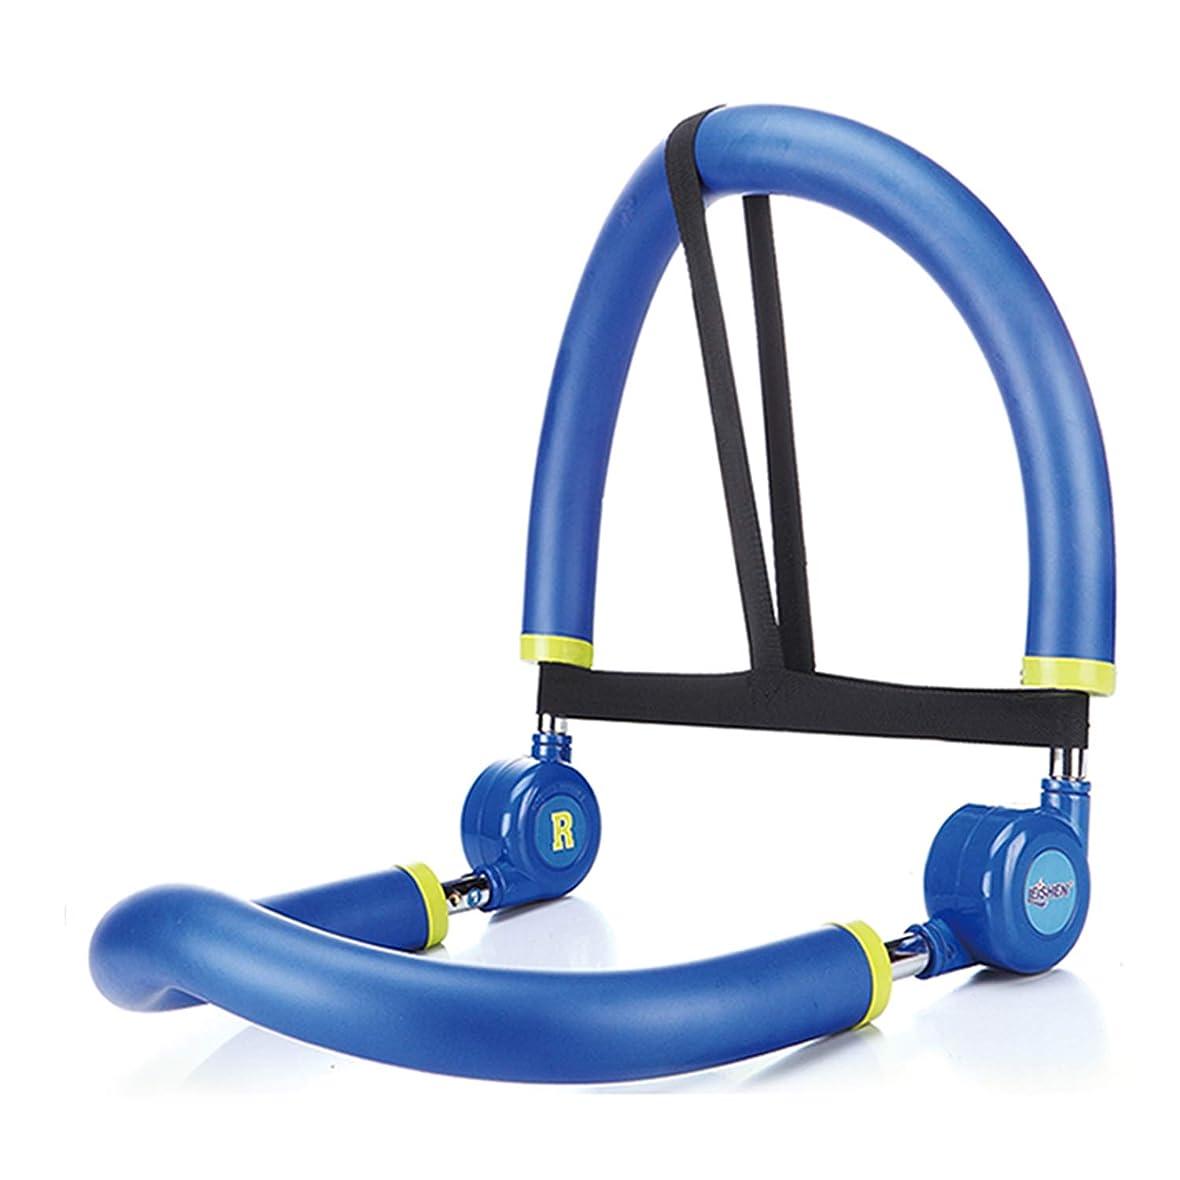 シネウィ潮ラジエーター腹筋マシン 腹筋鍛える 多機能型簡易筋トレマシン(胸部 太もも 内転筋用)DVD附